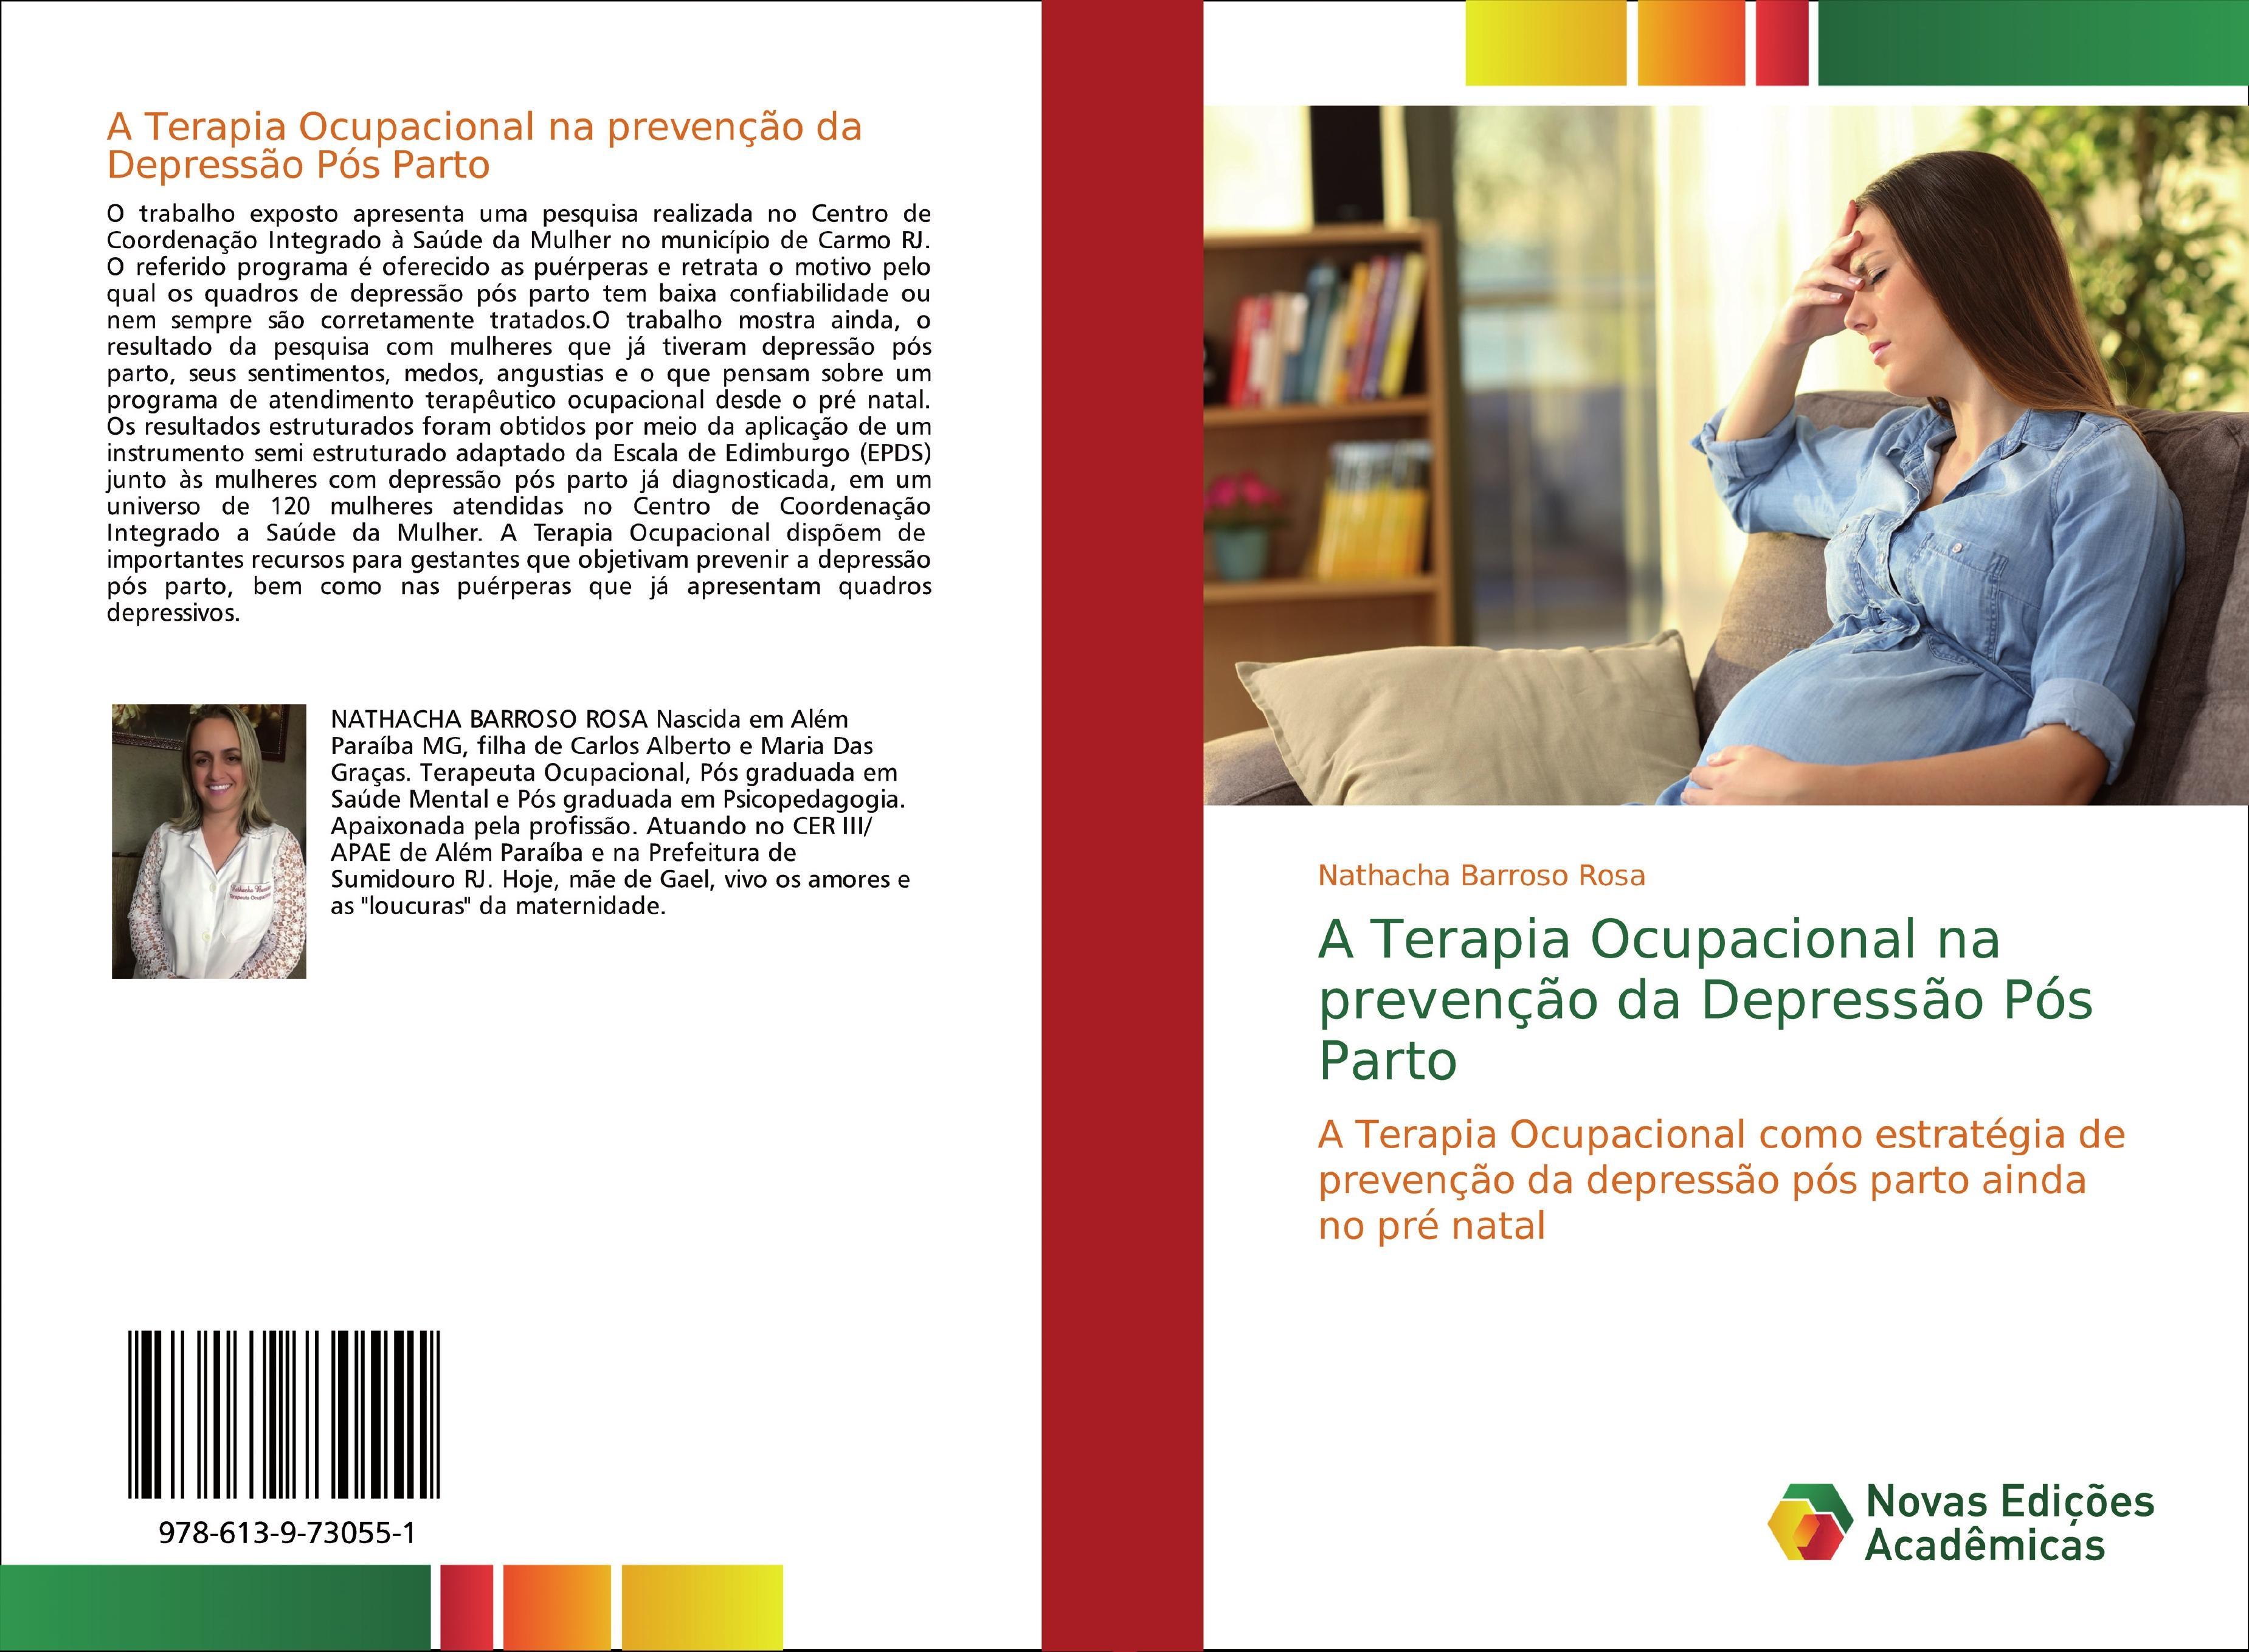 A Terapia Ocupacional na prevenção da Depressão Pós Parto  Nathacha Barroso Rosa  Taschenbuch  Portugiesisch  2018 - Barroso Rosa, Nathacha